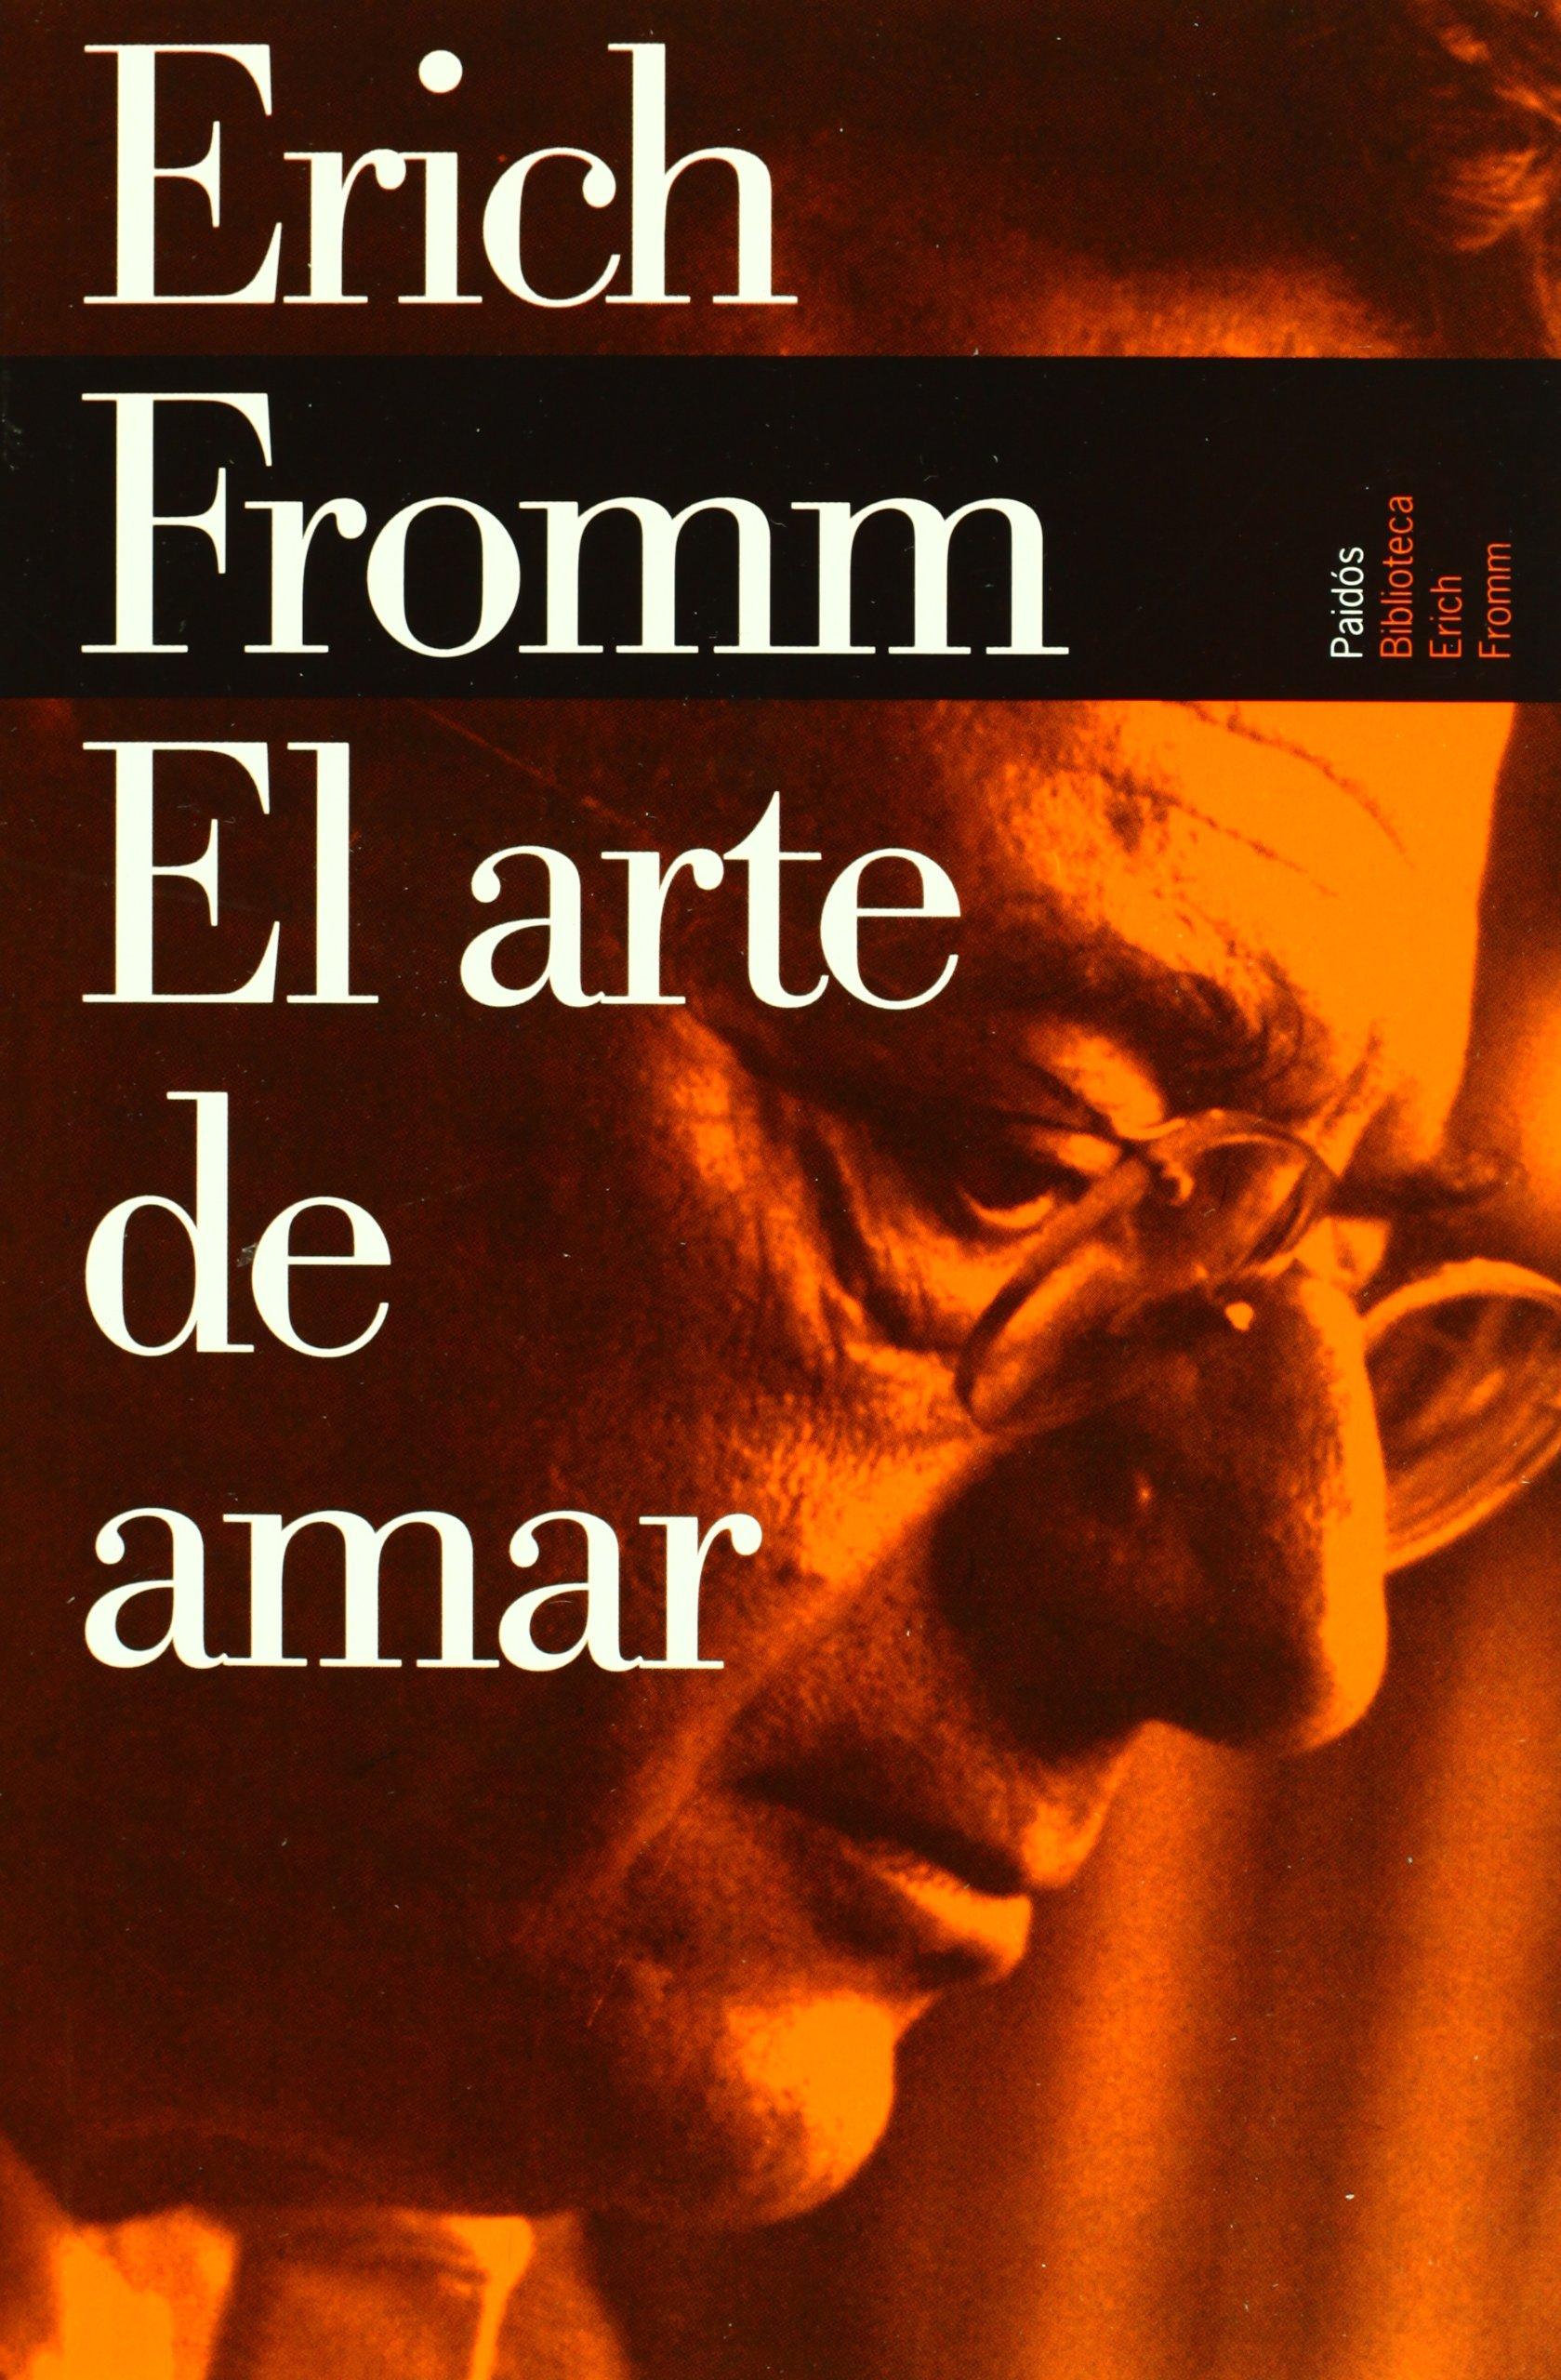 El arte de amar: Erich Fromm: Amazon.com.mx: Libros